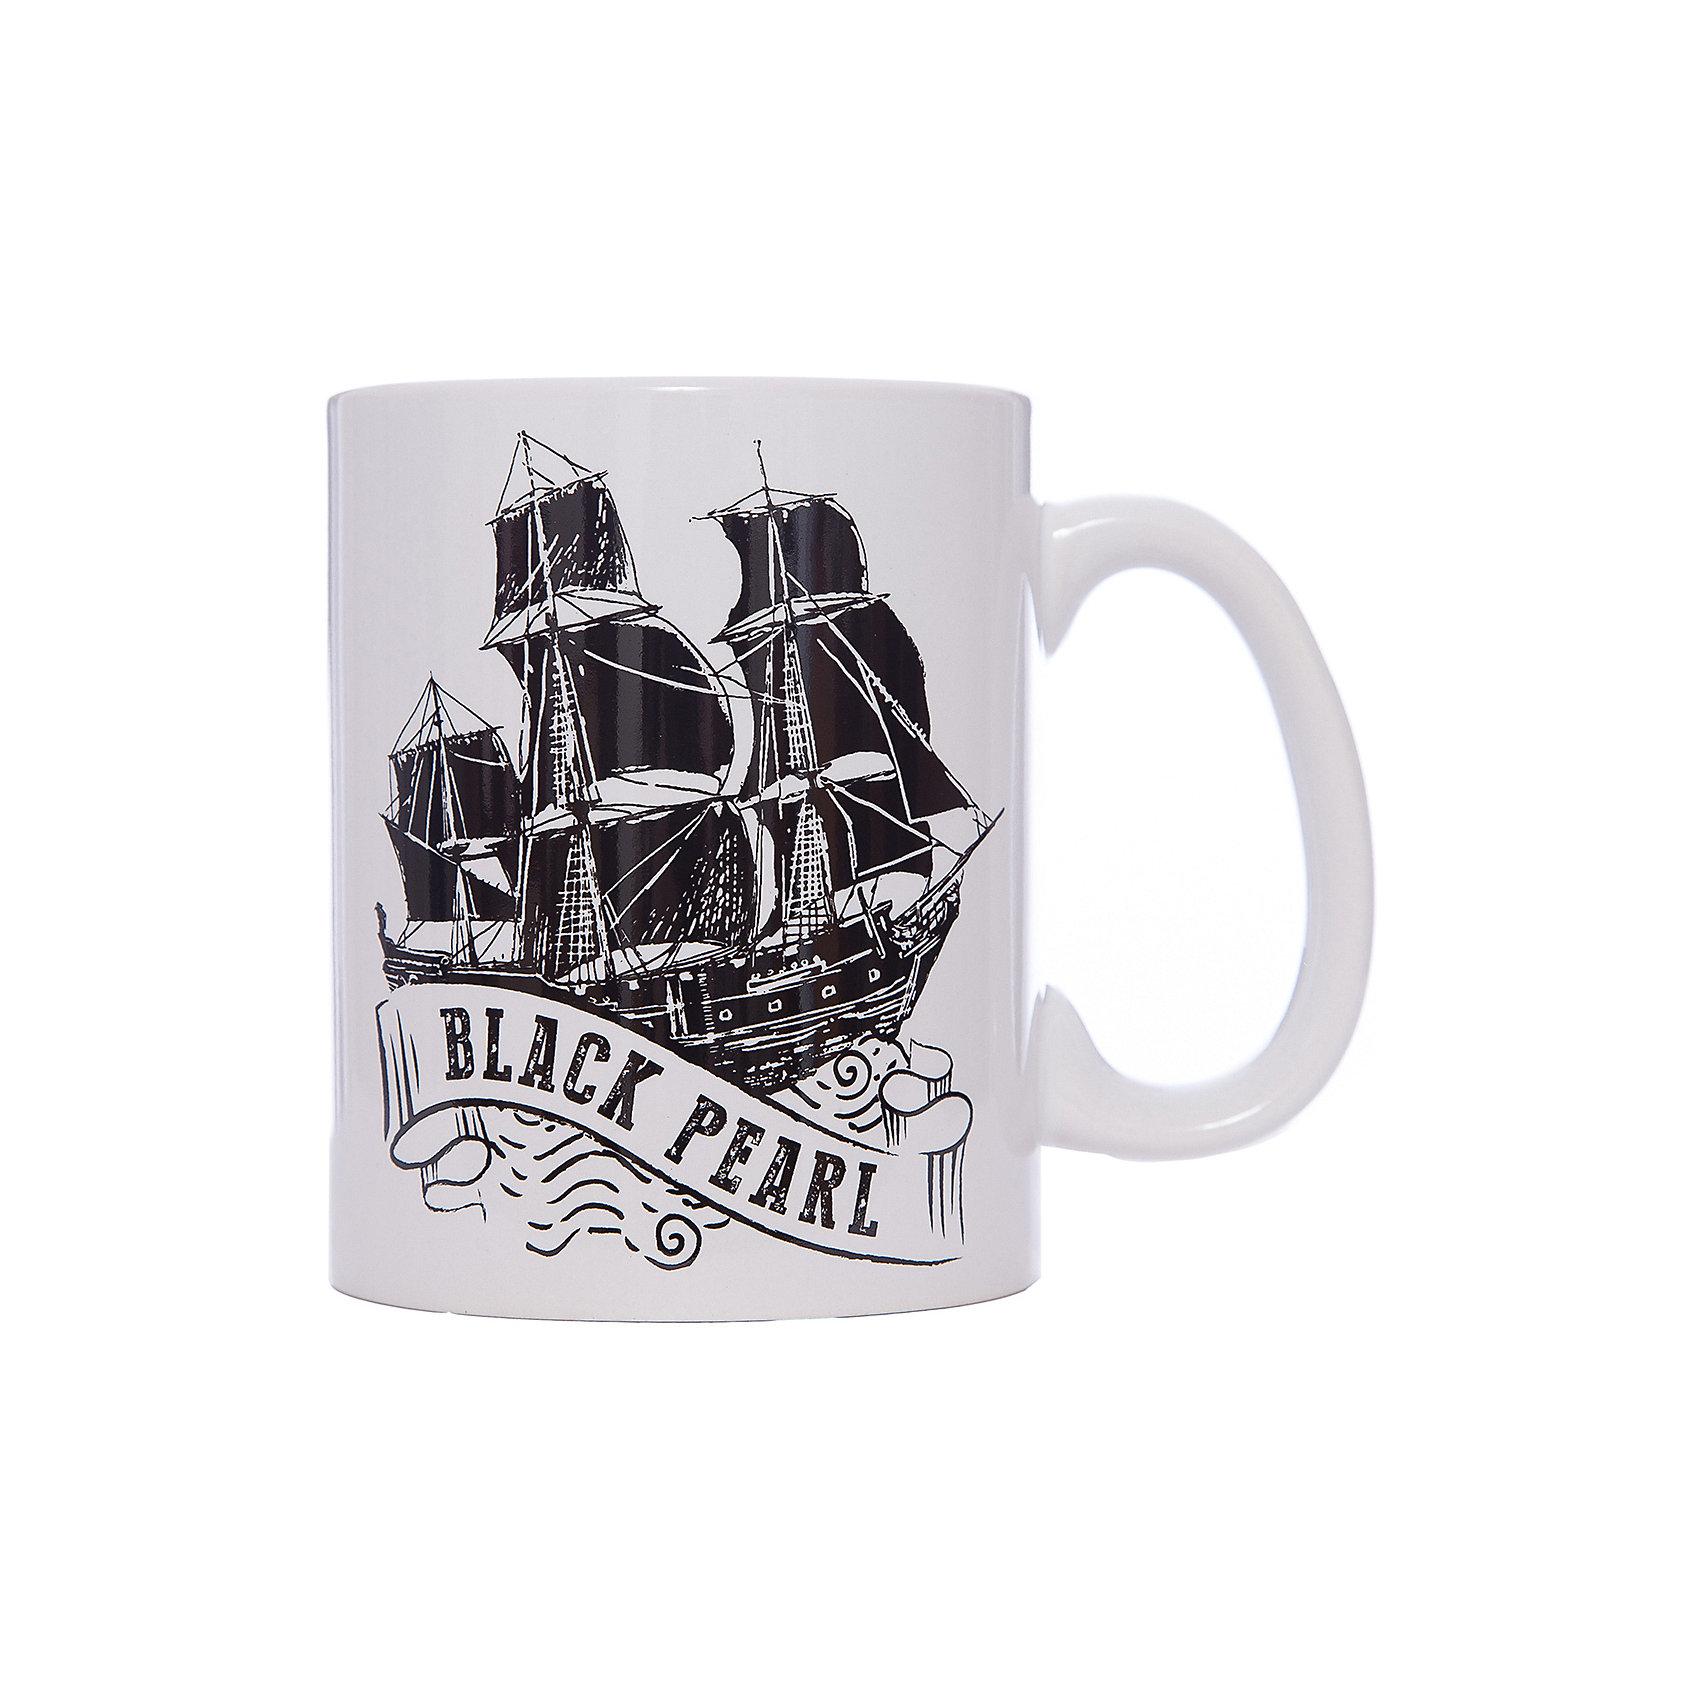 Кружка Пираты Карибского Моря. Черная Жемчужина, 500 мл., DisneyПосуда<br>Характеристики:<br><br>• Материал: керамика<br>• Тематика рисунка: Пираты Карибского моря<br>• Можно использовать для горячих и холодных напитков<br>• Объем: 500 мл<br>• Вес: 498 г <br>• Размеры (Д*Ш*В): 12*8,2*9,5 см<br>• Особенности ухода: можно мыть в посудомоечной машине<br><br>Кружка Пираты Карибского моря. Черная Жемчужина, 500 мл., Disney выполнена в стильном дизайне: на белый корпус нанесено изображение корабля Черная Жемчужина. Изображение устойчиво к появлению царапин, не выцветает при частом мытье. <br><br>Кружку Кружка Пираты Карибского моря. Черная Жемчужина, 500 мл., Disney можно купить в нашем интернет-магазине.<br><br>Ширина мм: 120<br>Глубина мм: 82<br>Высота мм: 95<br>Вес г: 498<br>Возраст от месяцев: 36<br>Возраст до месяцев: 1188<br>Пол: Унисекс<br>Возраст: Детский<br>SKU: 6849953